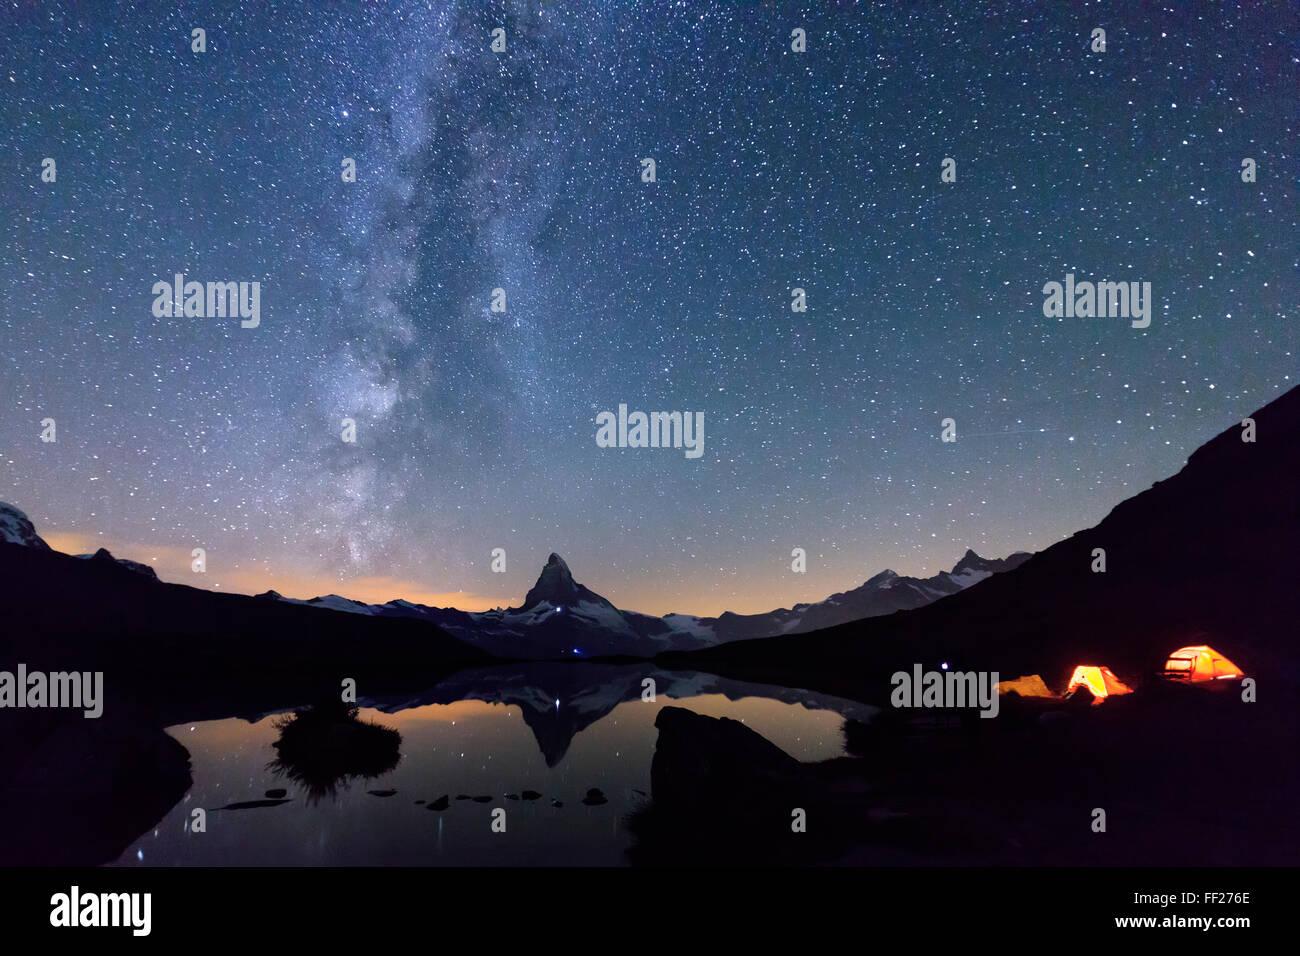 Camping sous les étoiles et Milky Way avec Cervin reflétée dans le lac Stellisee, Zermatt, Valais, Photo Stock